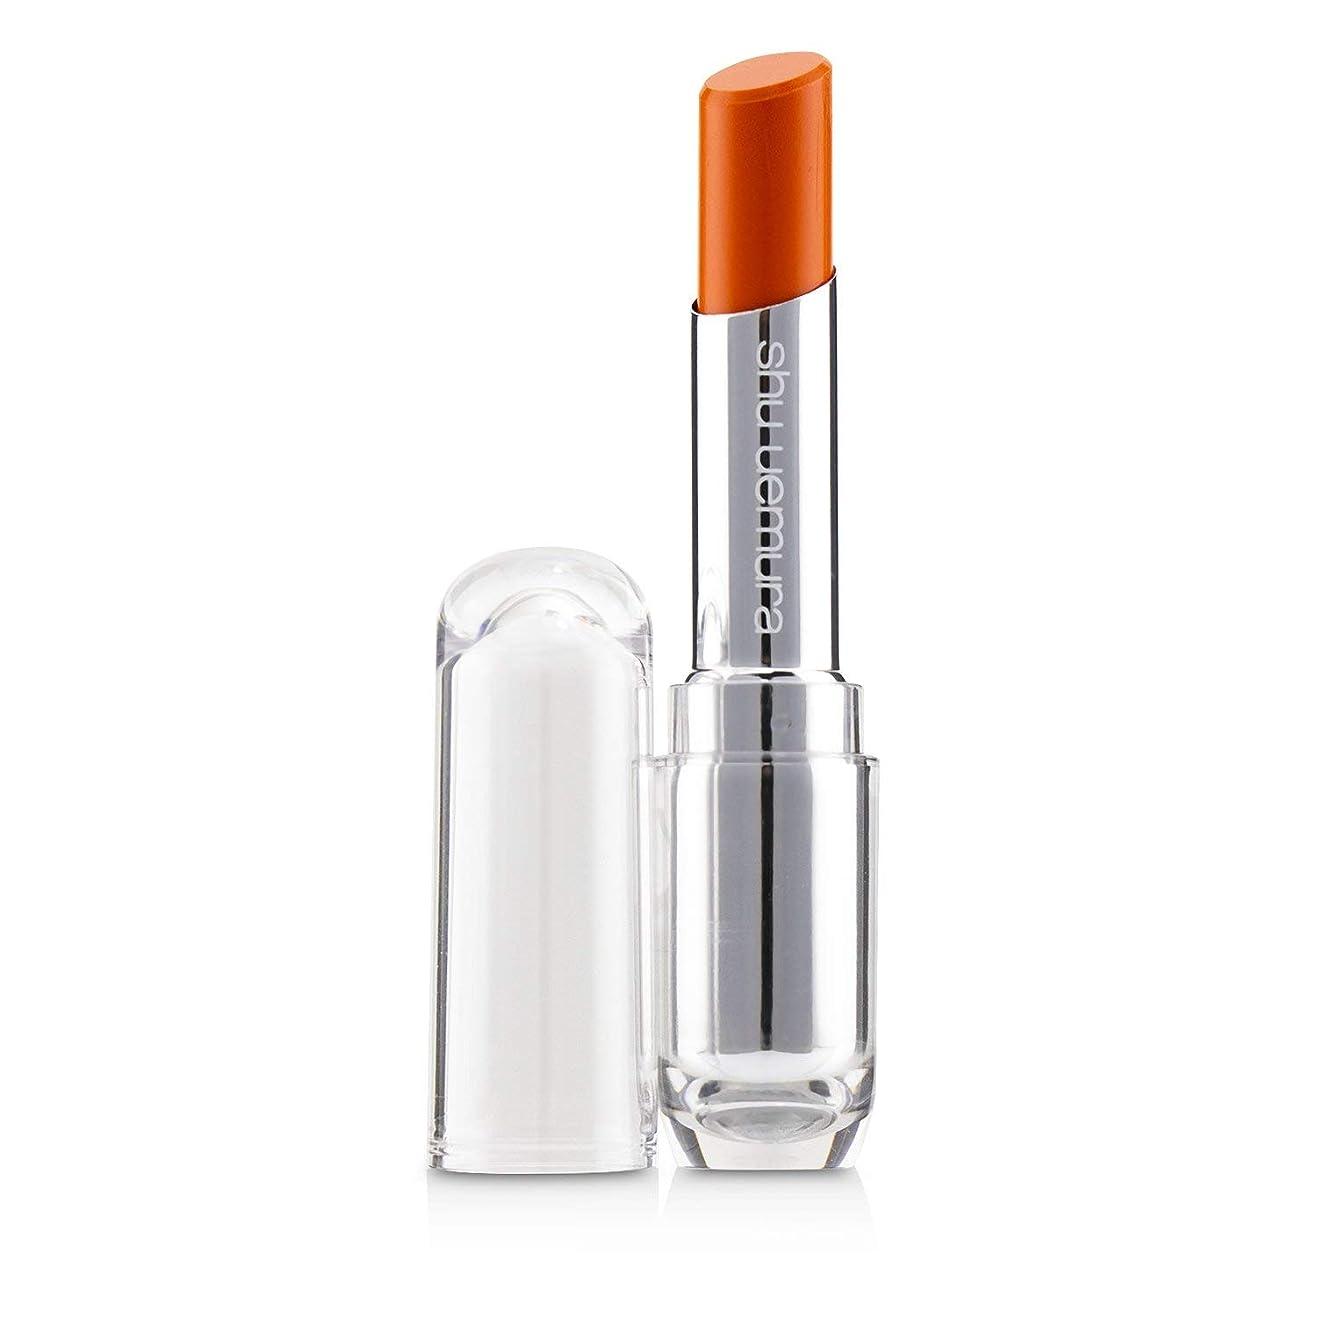 意外とティーム実業家シュウウエムラ Rouge Unlimited Sheer Shine Lipstick - # S OR 550 3.2g/0.01oz並行輸入品